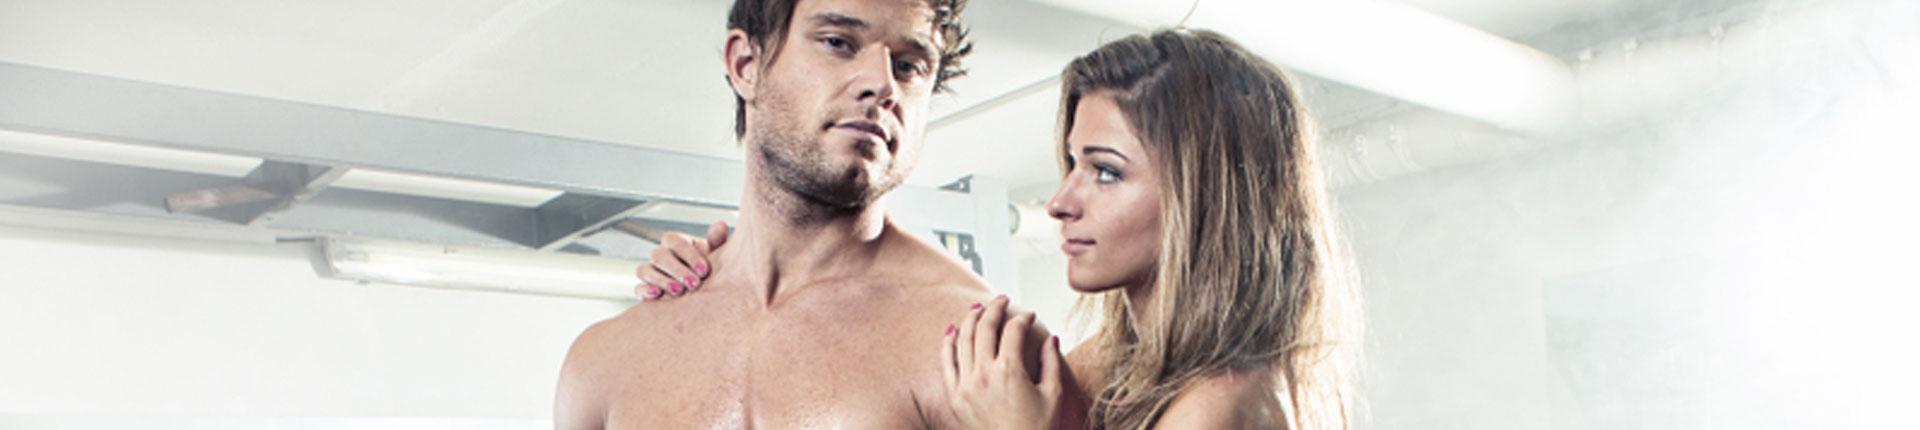 Poziom hormonów a atrakcyjność dla płci przeciwnej